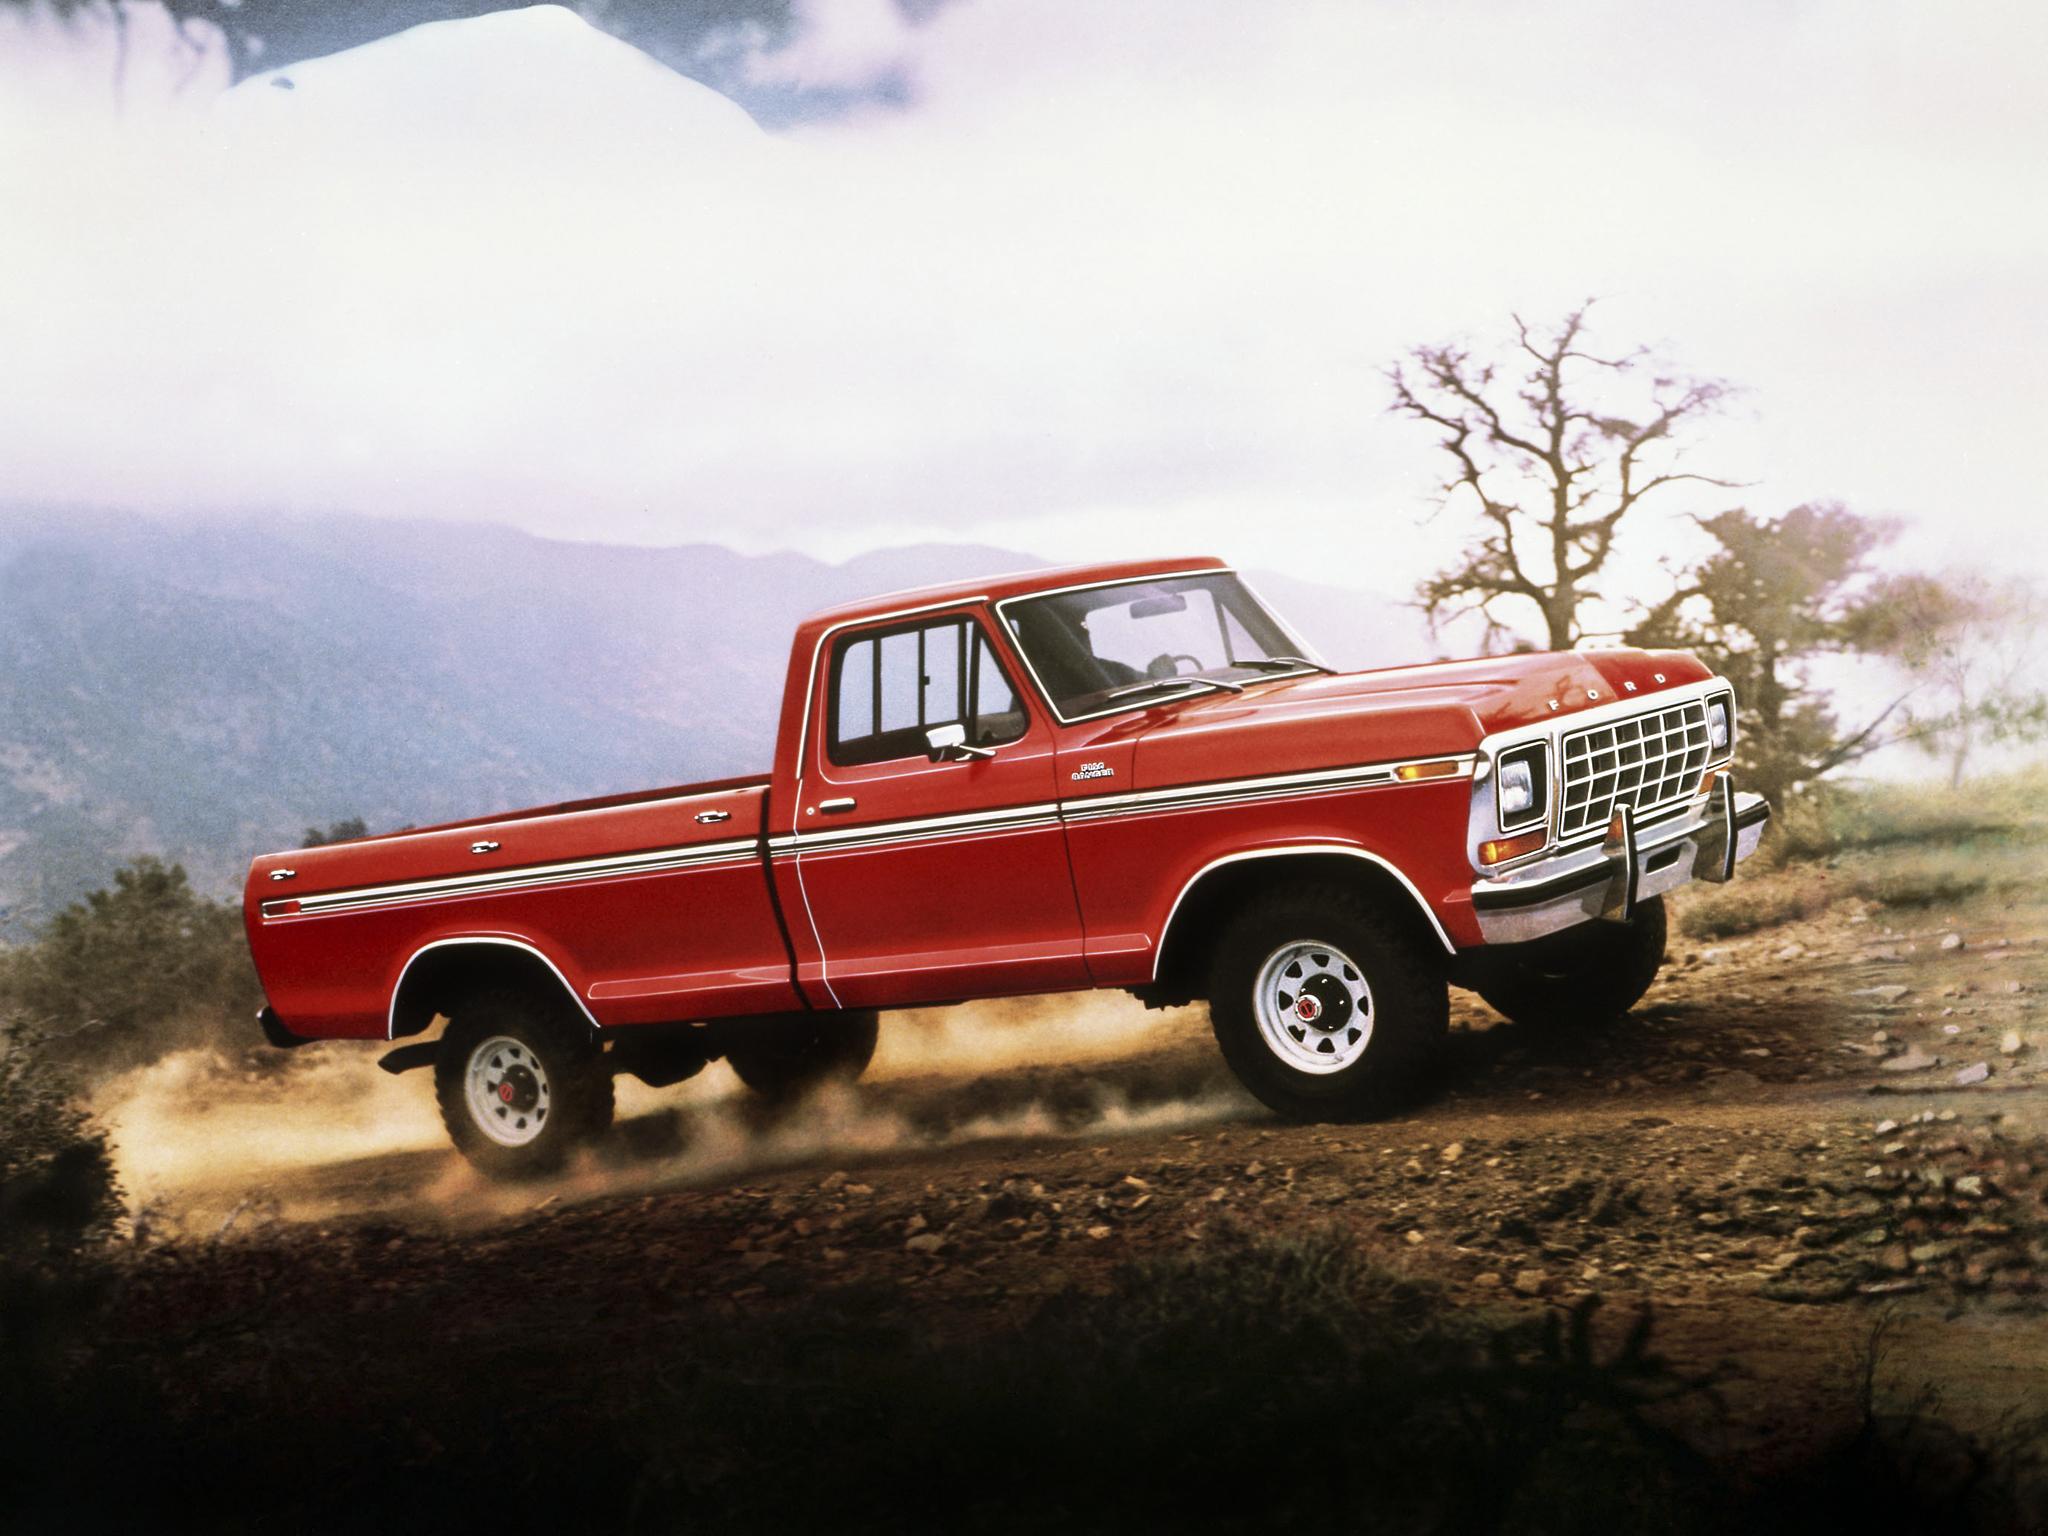 1979 Ford F 150 Ranger 4x4 pickup wallpaper 2048x1536 142549 2048x1536